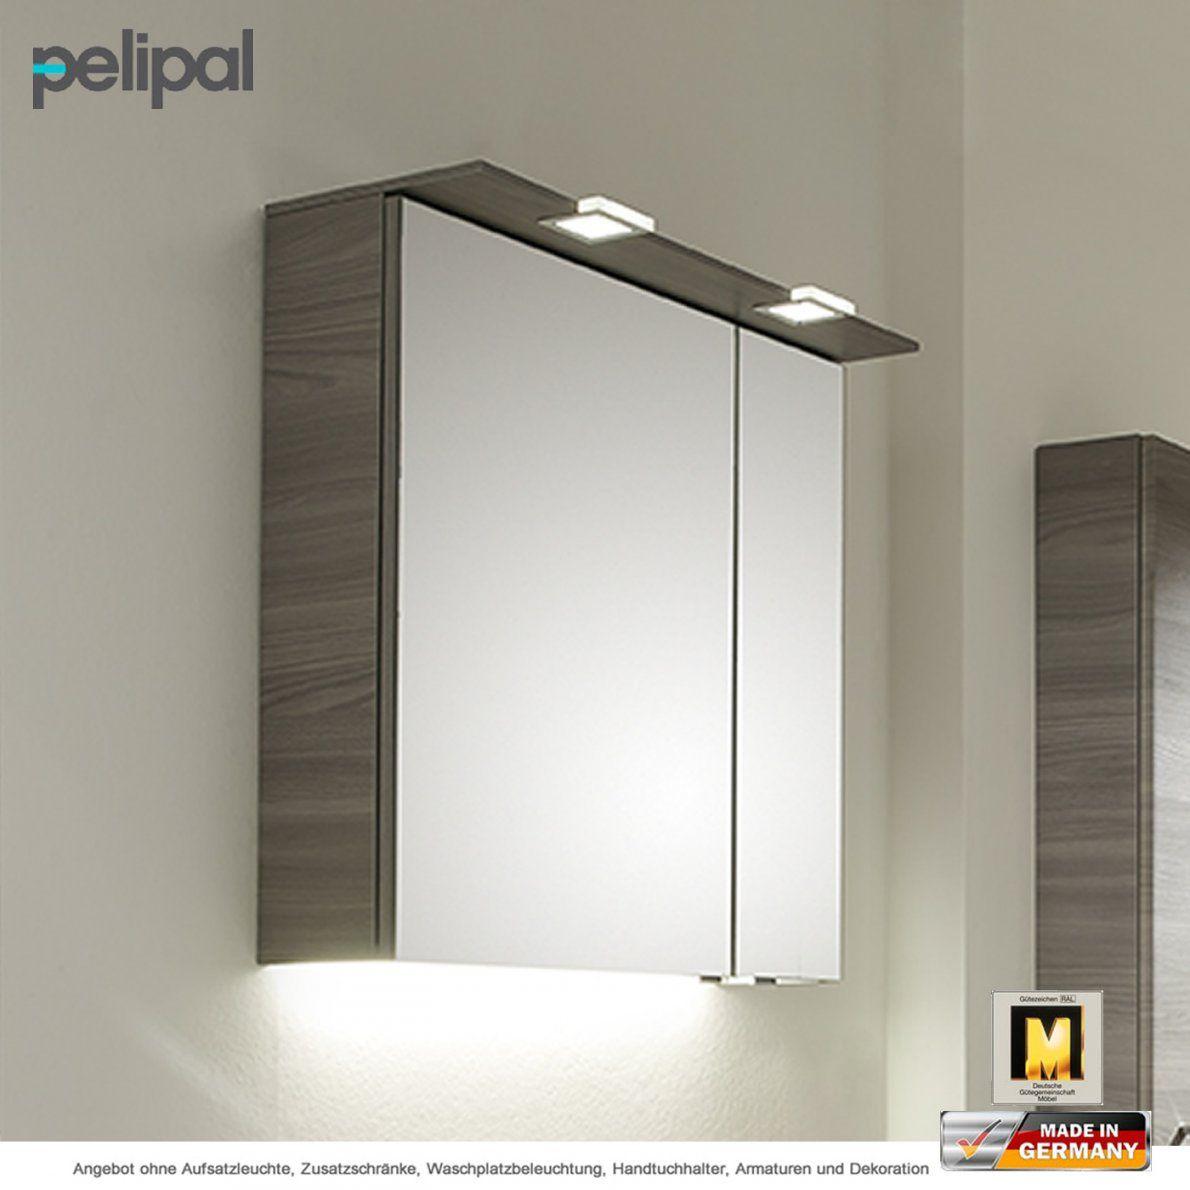 Pelipal Solitaire 9015 Spiegelschrank 70 Cm Mit Ledbeleuchtung Im von Spiegelschränke Mit Led Beleuchtung Photo